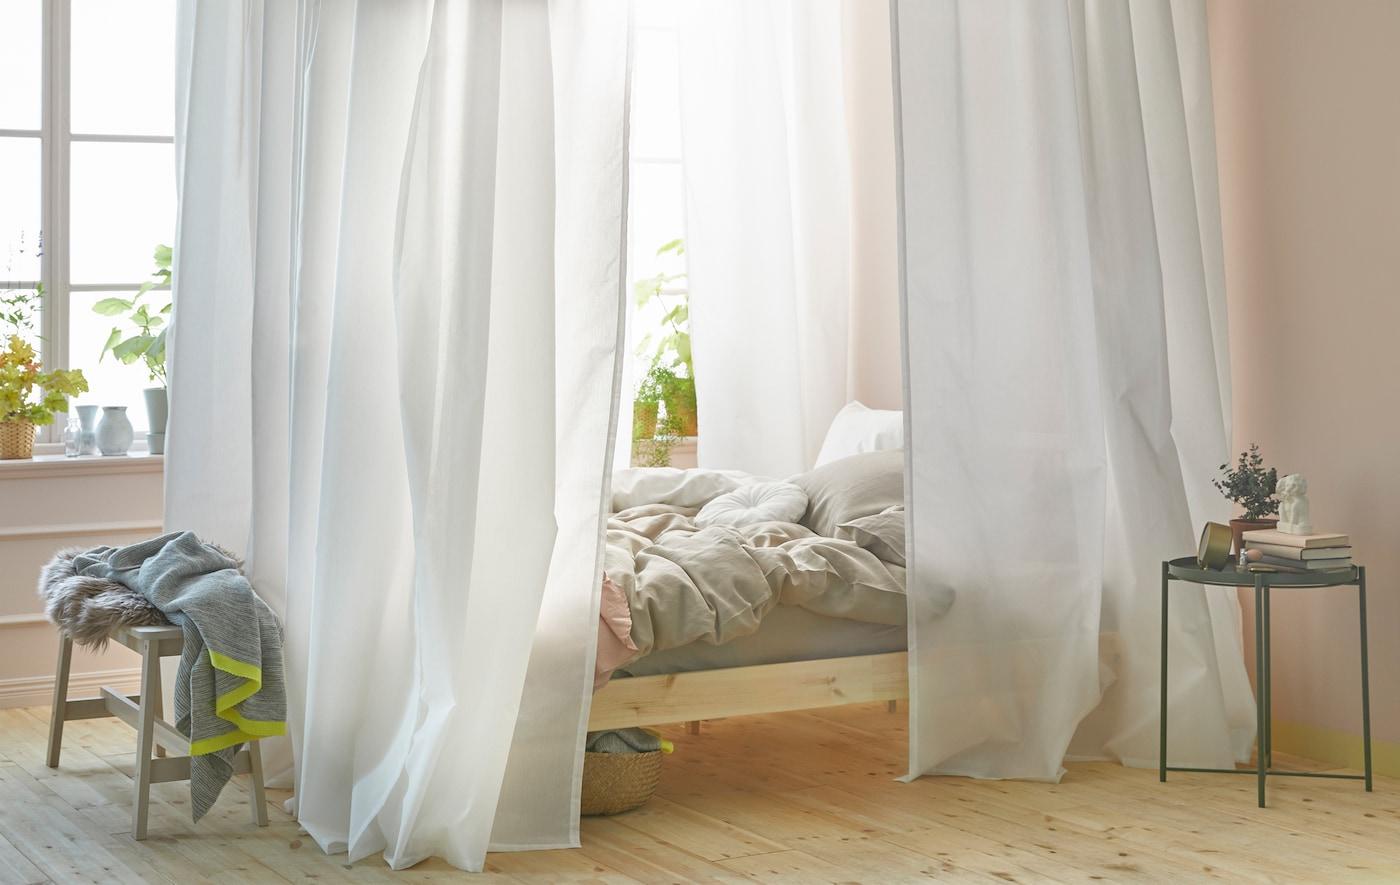 لأفكار خاصة بغرفة النوم، ما رأيك في توفير الخصوصية والتحكم في الضوء من خلال وضع شرنقة حول السرير؟ توفر ايكيا الكثير من الستائر مثل ستارة VIVAN البيضاء الانسيابية ونظام مسار تعليق الستائر الذي يمكن تعليقه بالسقف.